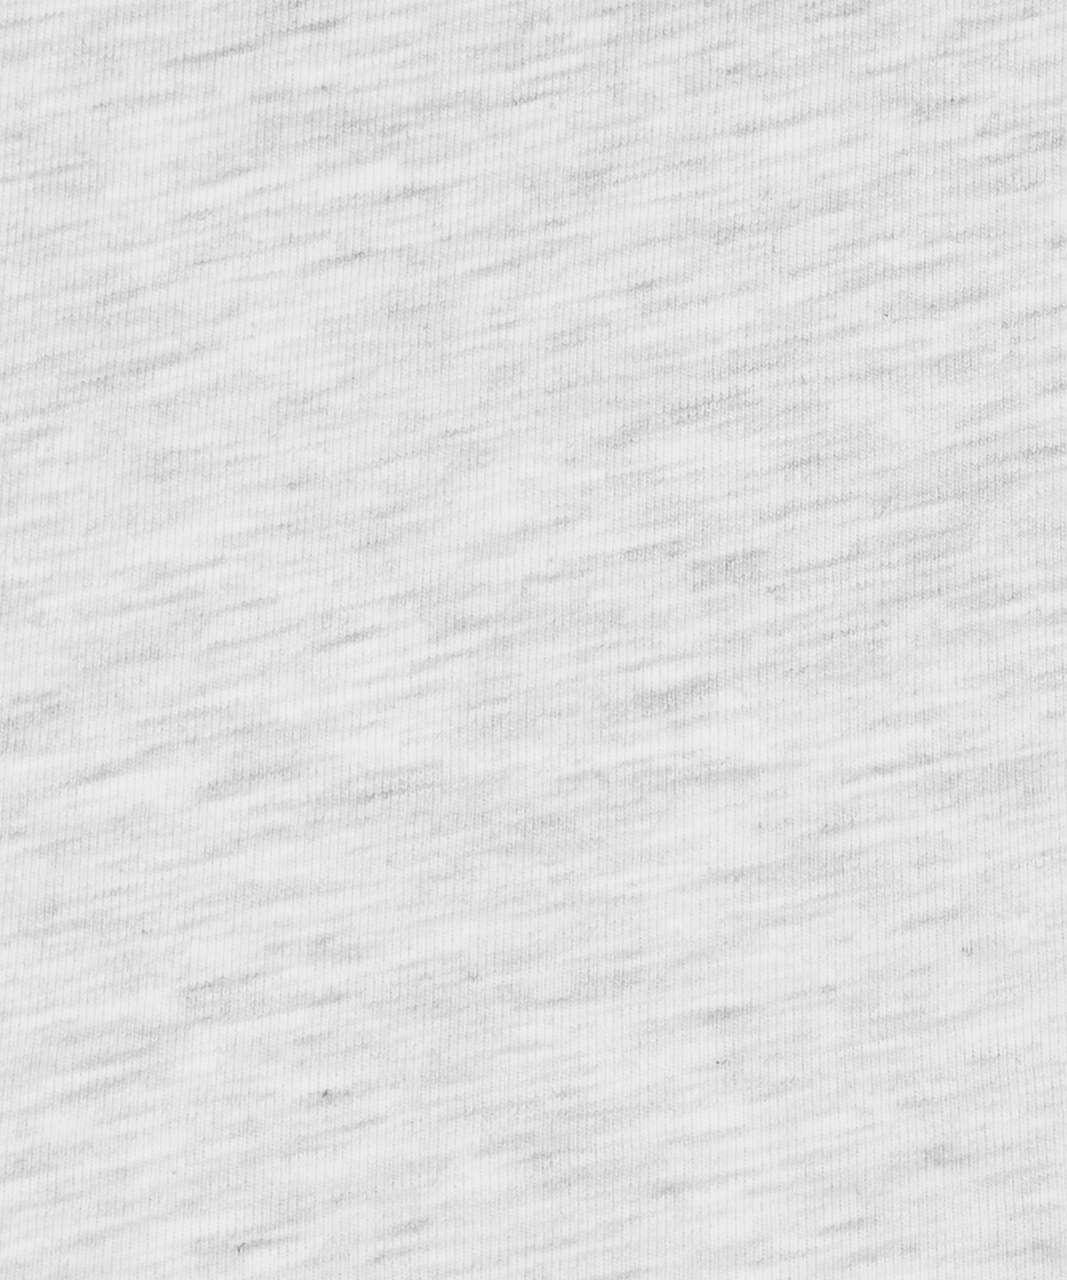 Lululemon Brunswick Muscle Tank - Heathered Core Ultra Light Grey